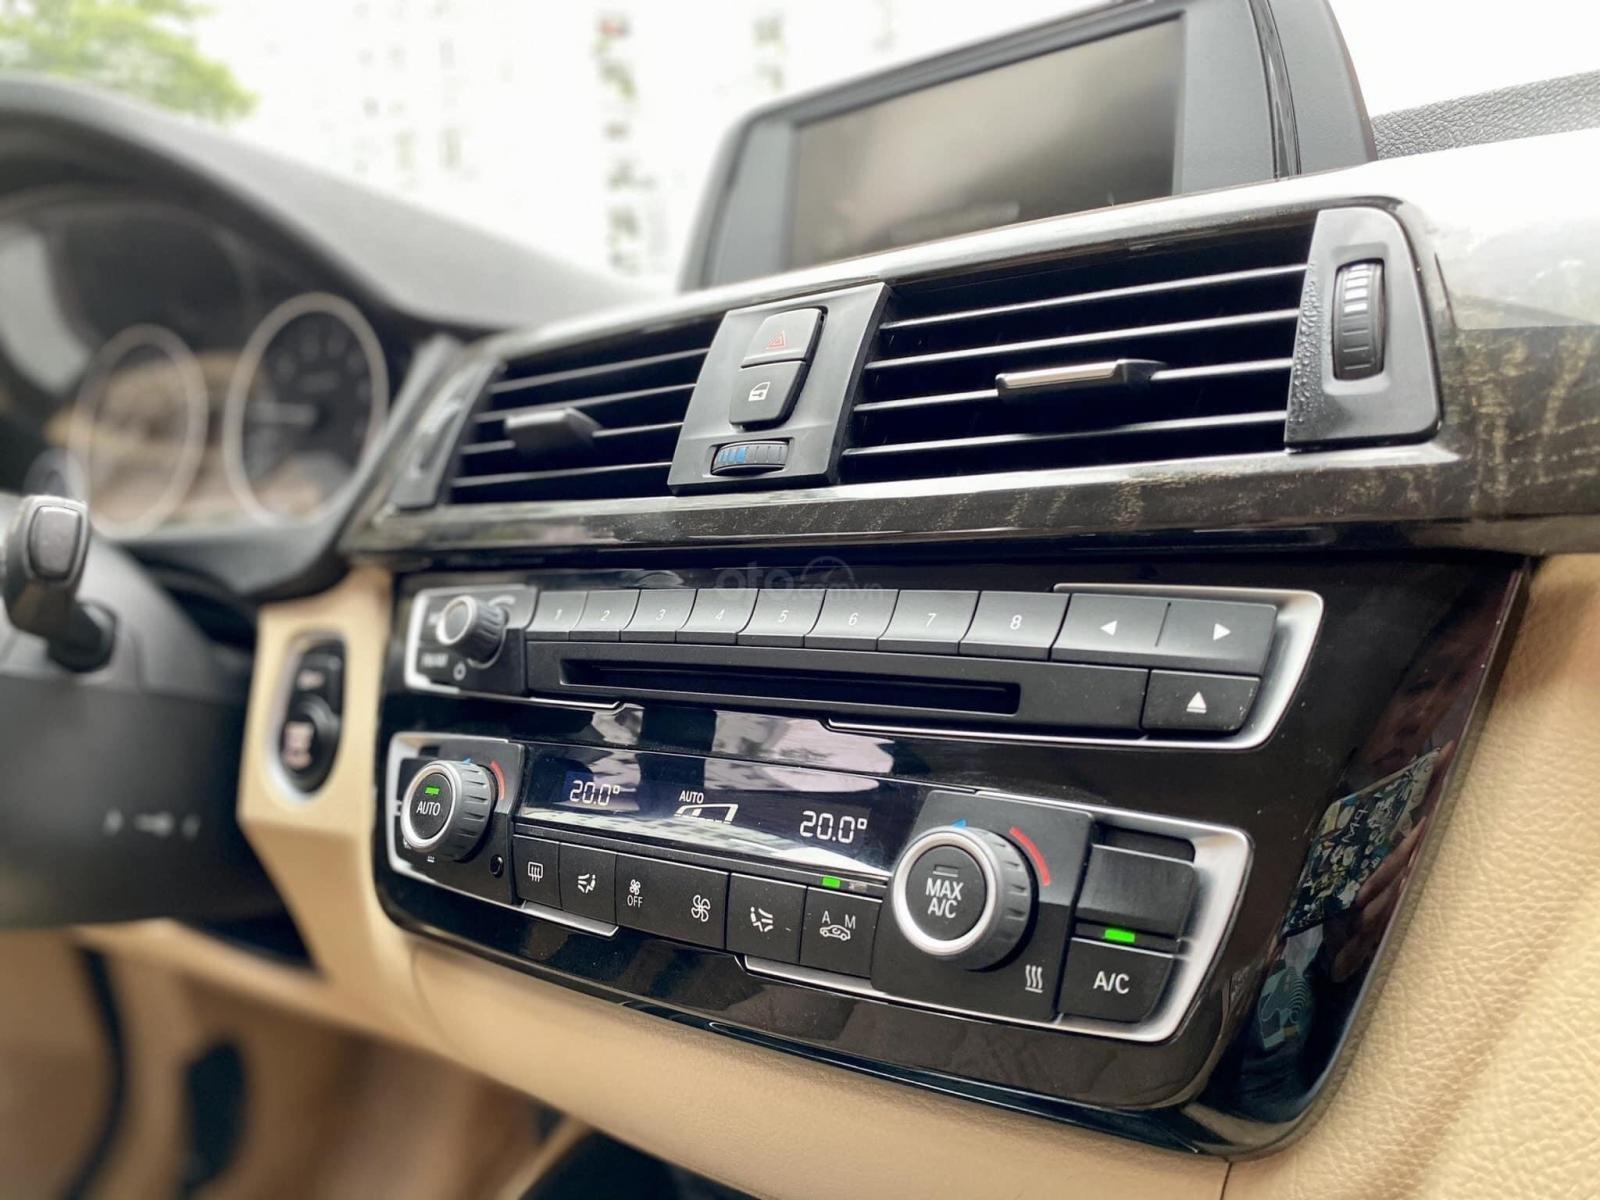 Bán gấp BMW 320i model 2016  xe đẹp long lanh, giá cực ngầu cho anh em (8)